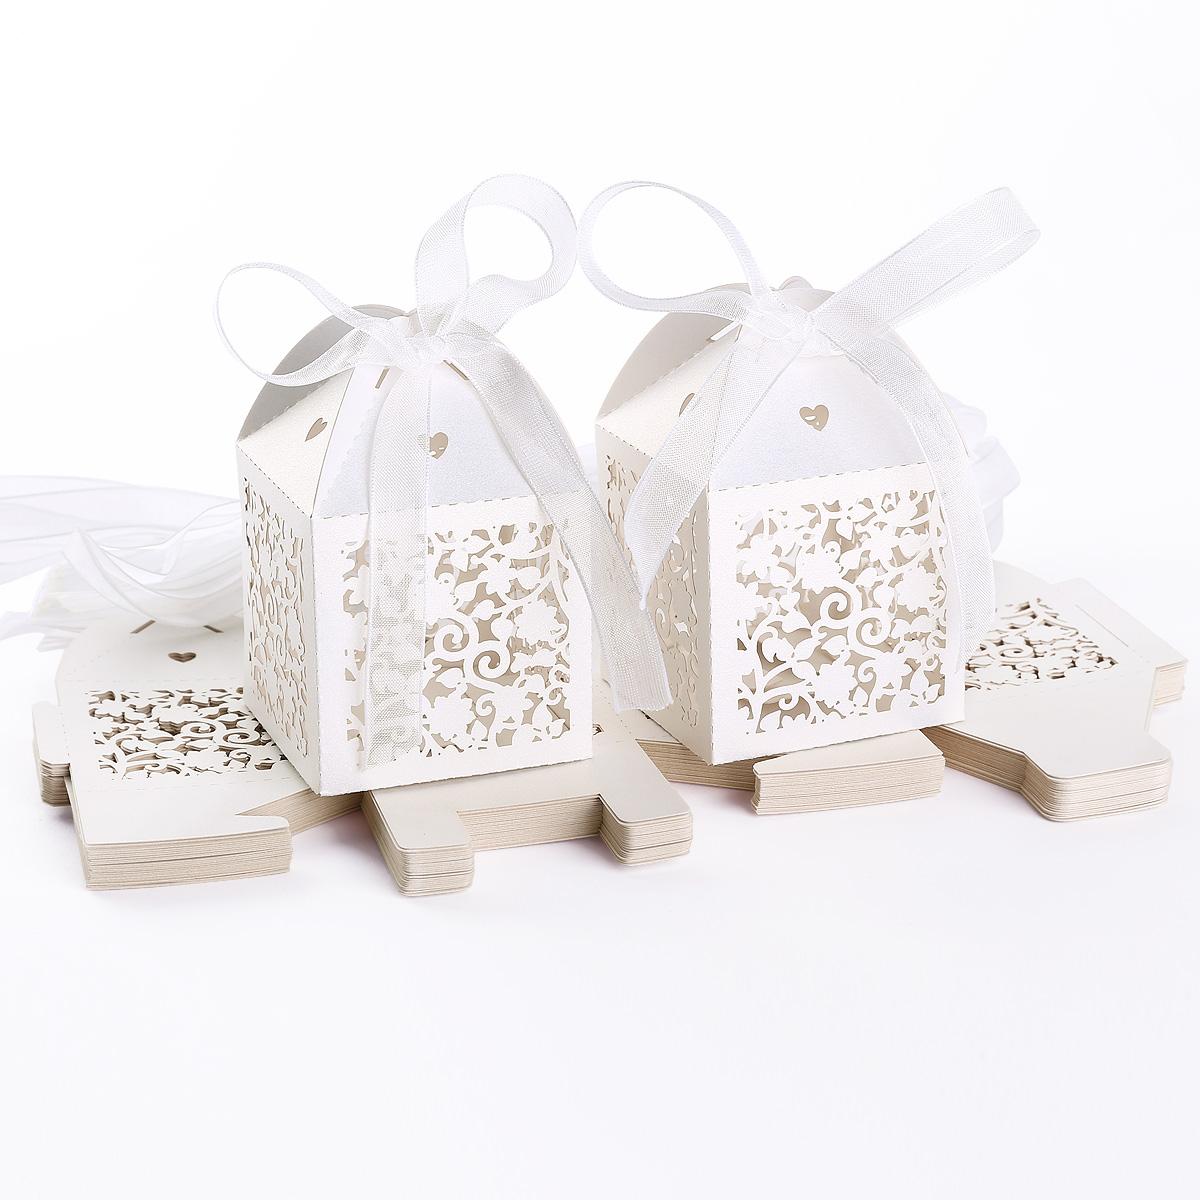 25 x hochzeit dekoration sammelbox kartenbox hochzeit geschenkbox gastgeschenk ebay. Black Bedroom Furniture Sets. Home Design Ideas